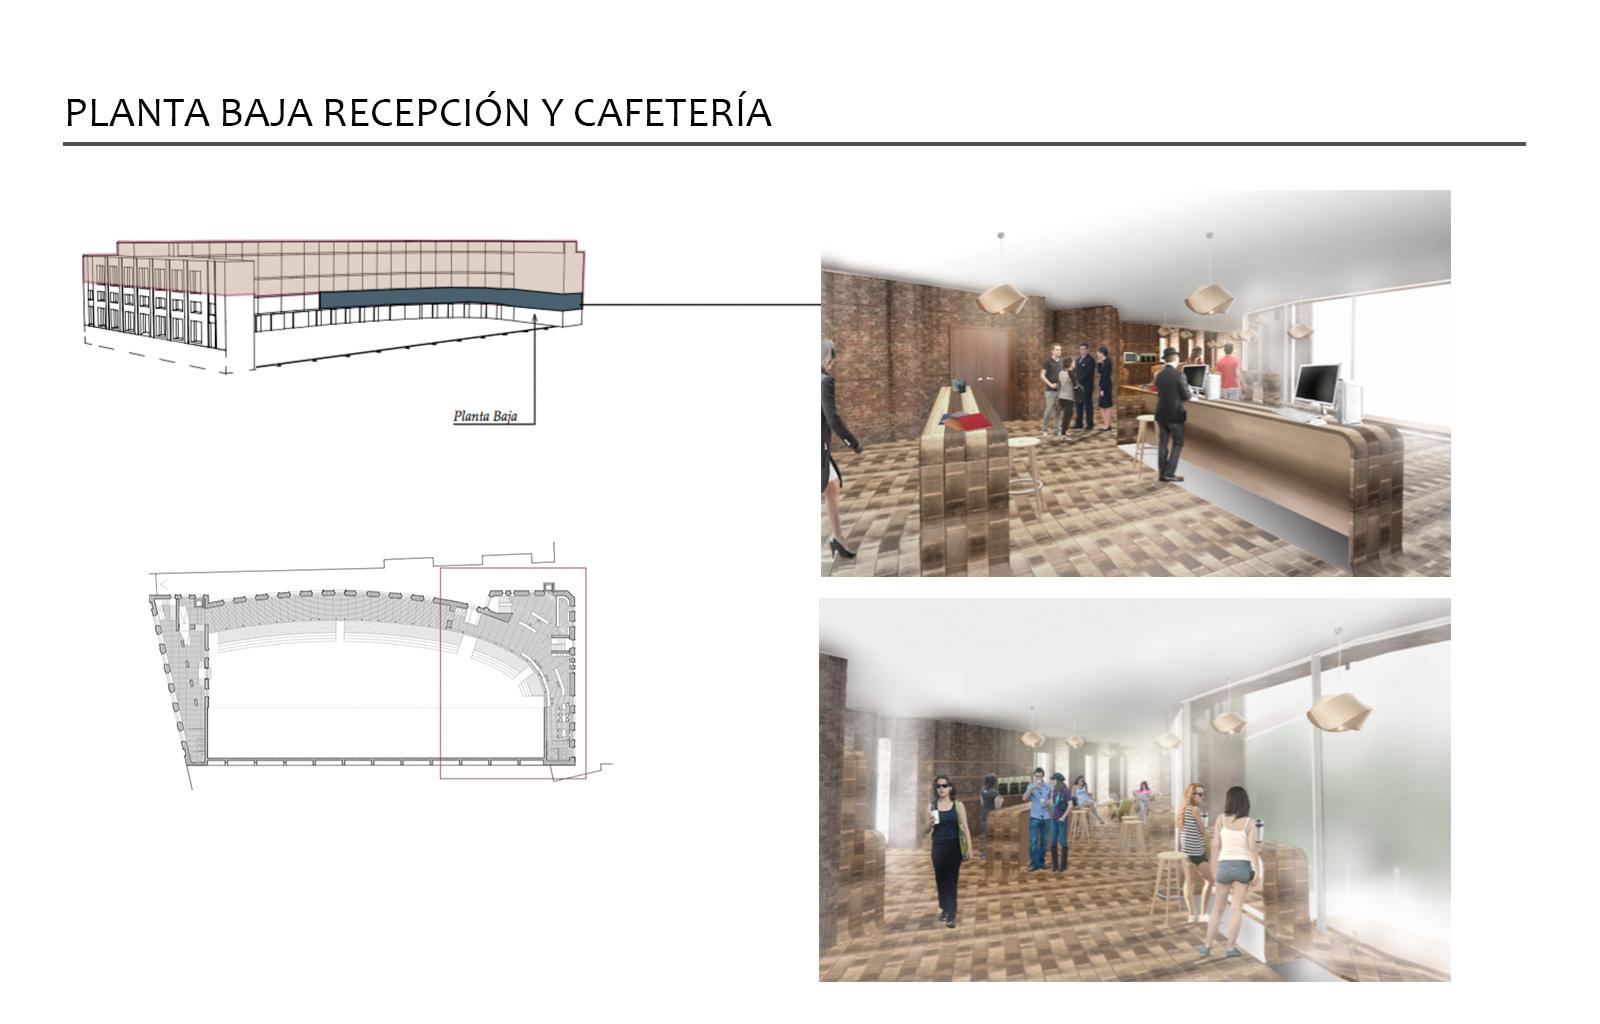 Espacios de recepción y cafetería